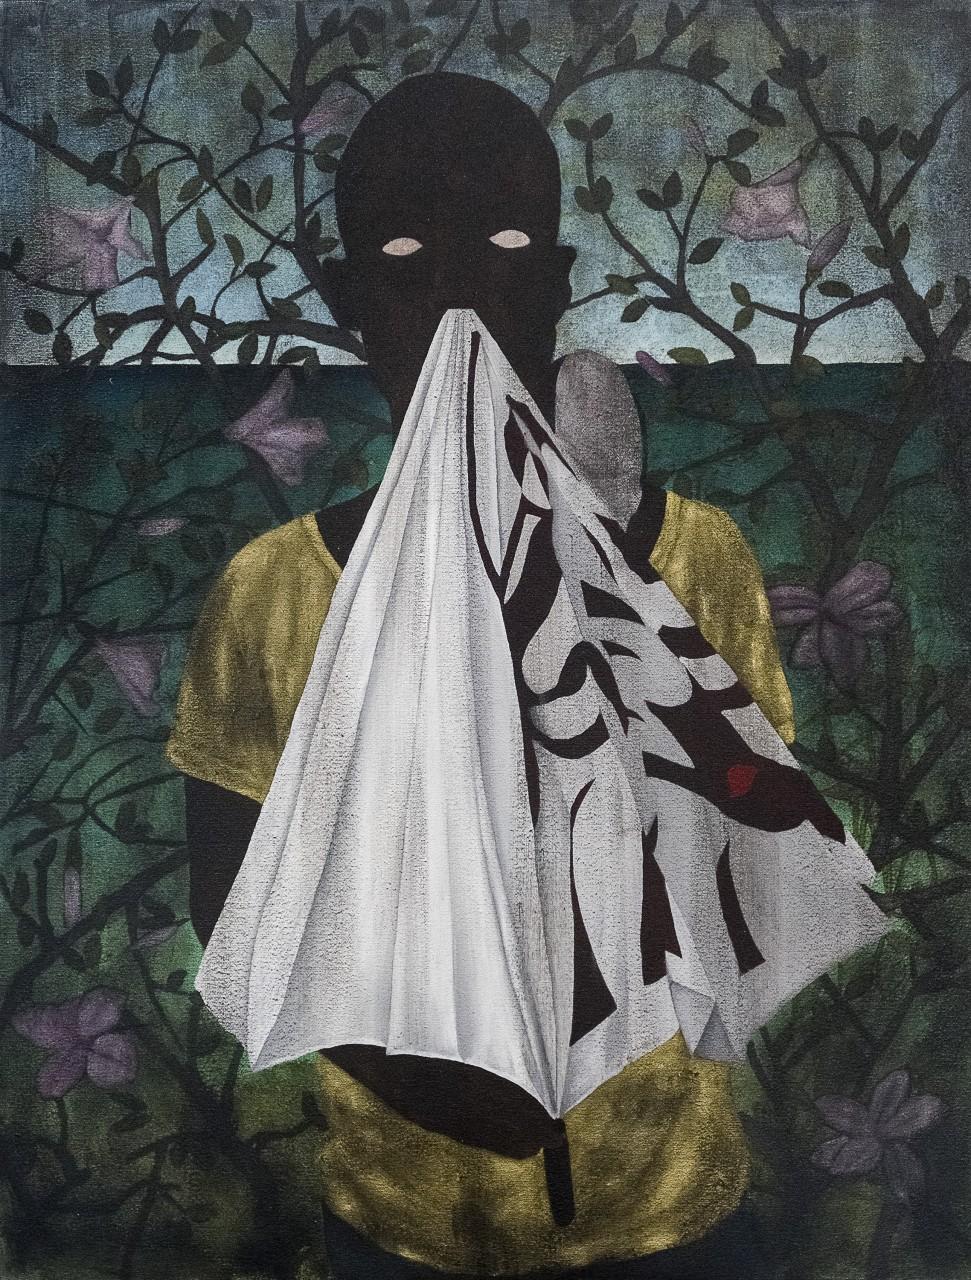 Cinga-Samson-Hes-from-the-Jungle-1-2017-Oil-on-canvas-80-x-60-cm-1.jpg